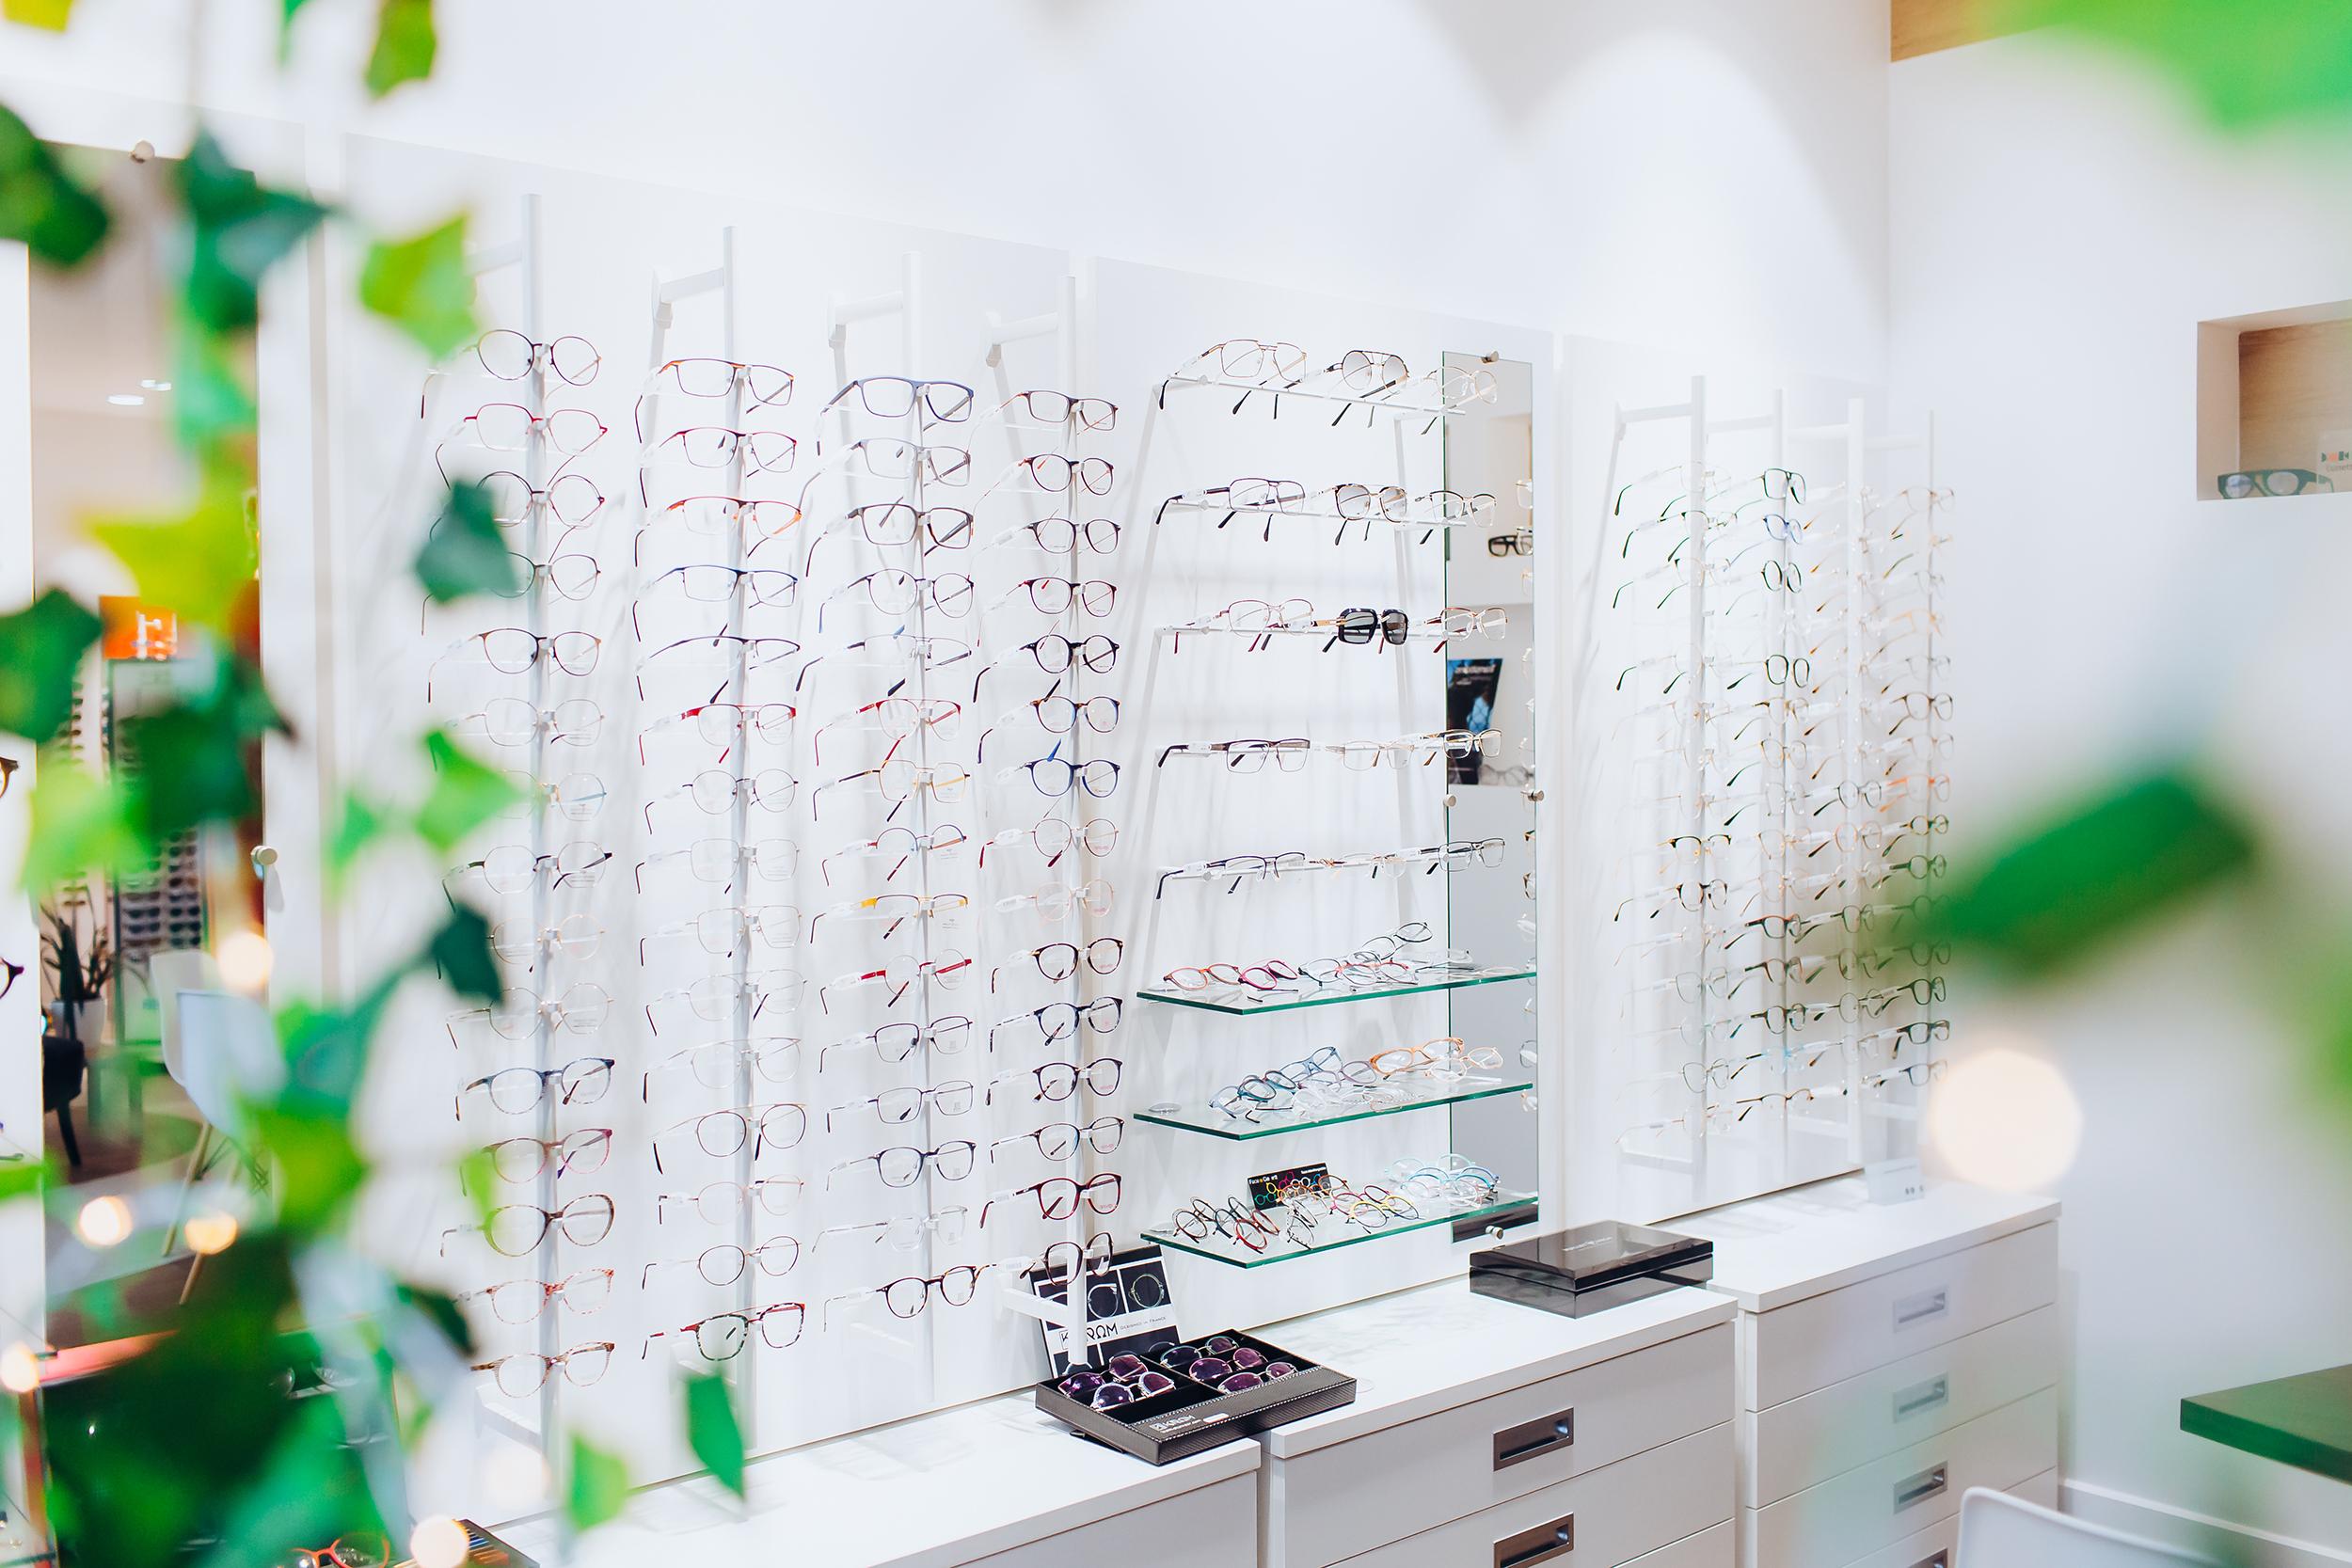 Opticien à Bidart - Bidart Optik - lunettes Bidart